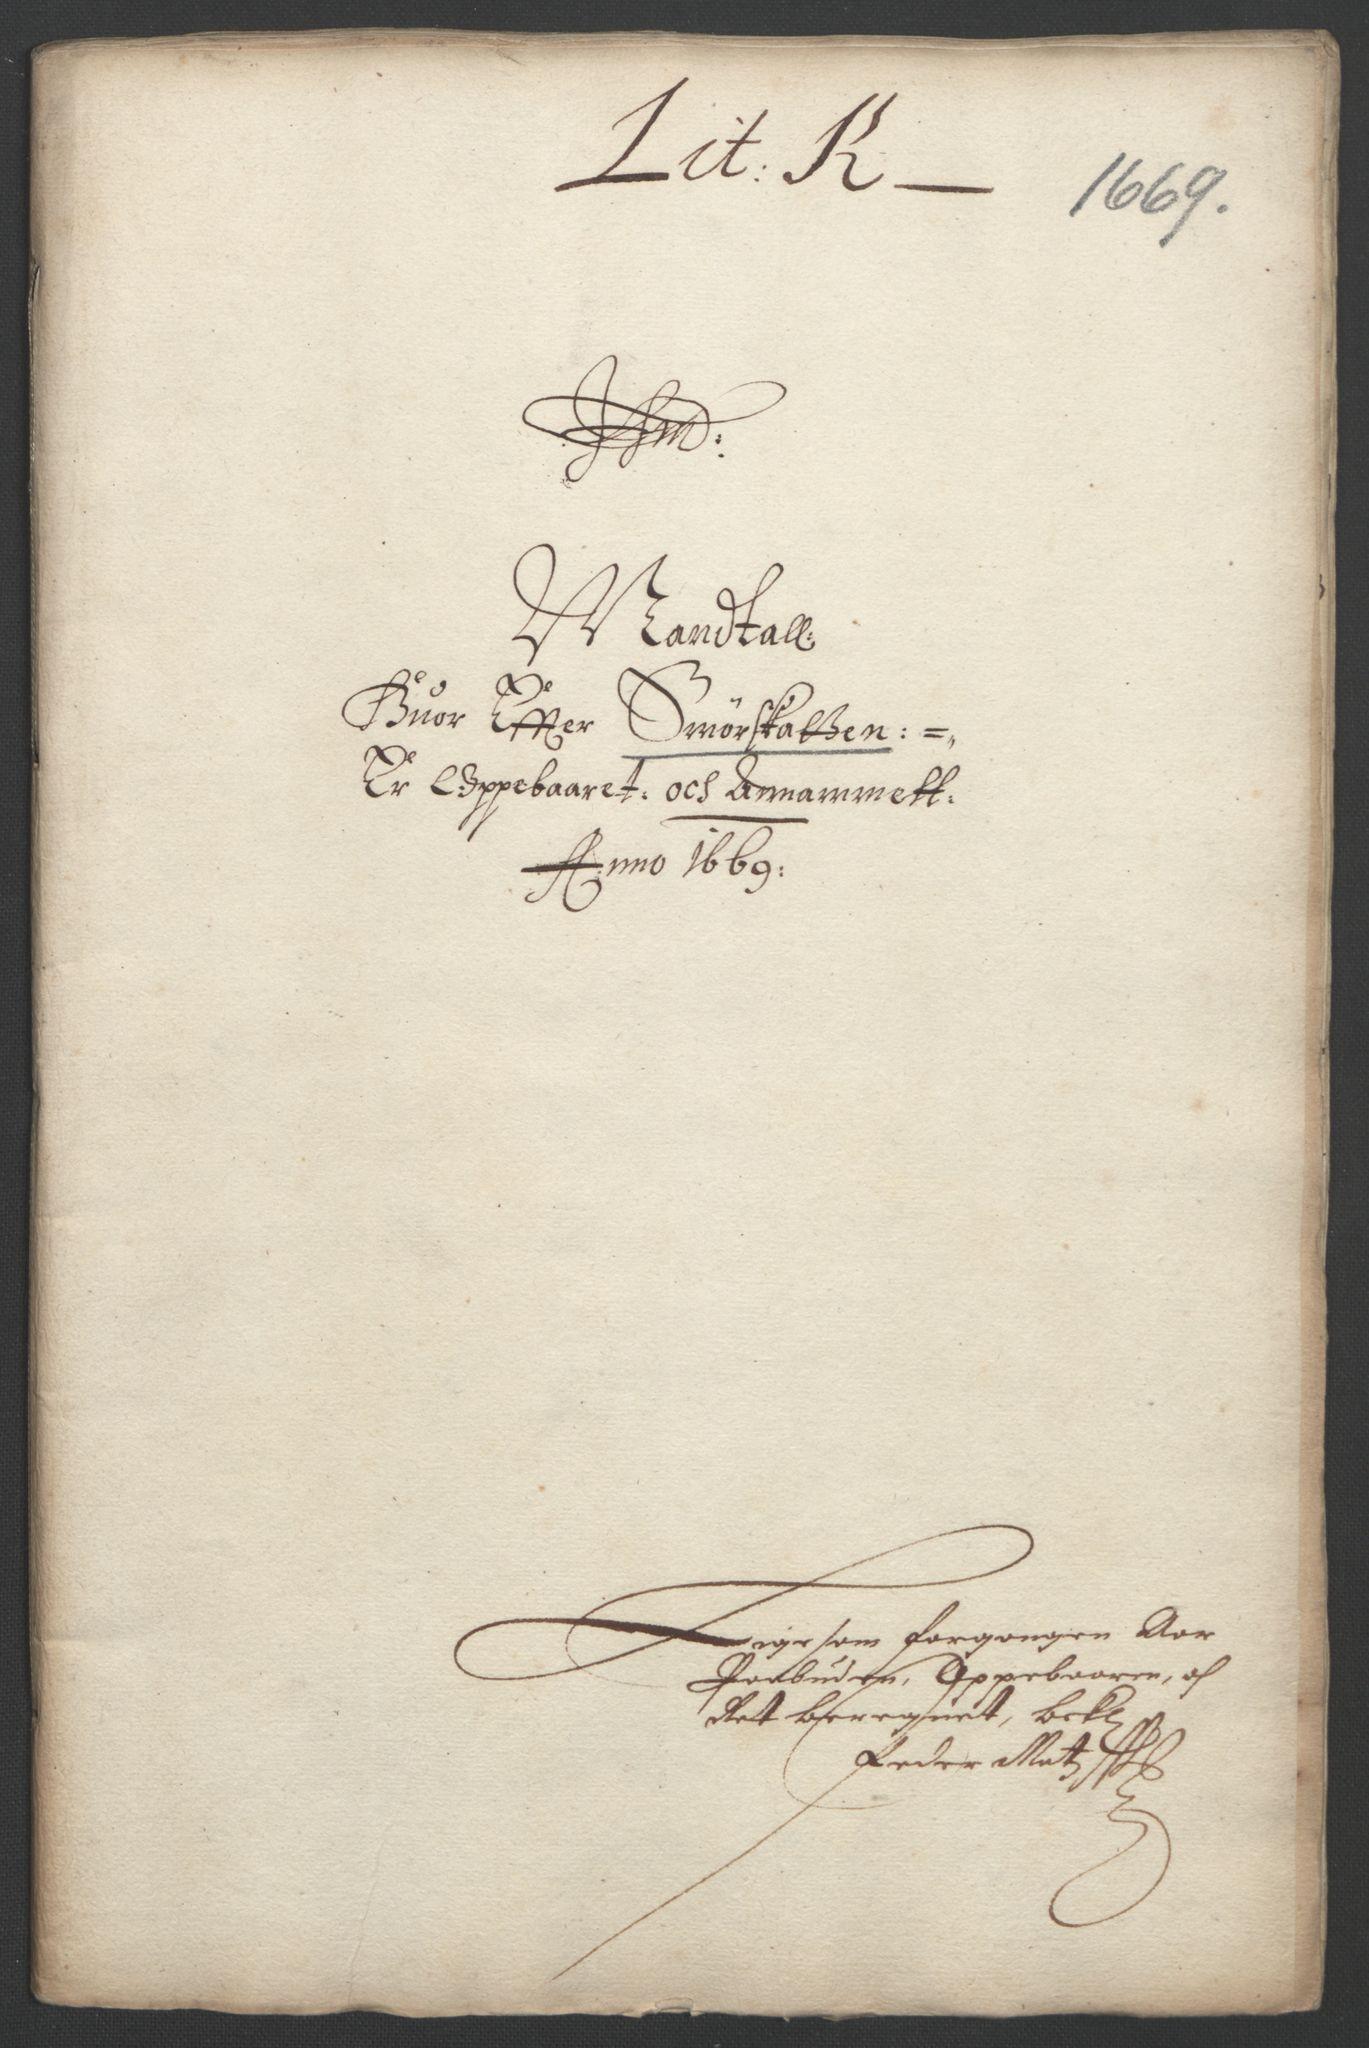 RA, Rentekammeret inntil 1814, Reviderte regnskaper, Fogderegnskap, R33/L1965: Fogderegnskap Larvik grevskap, 1669-1670, s. 86